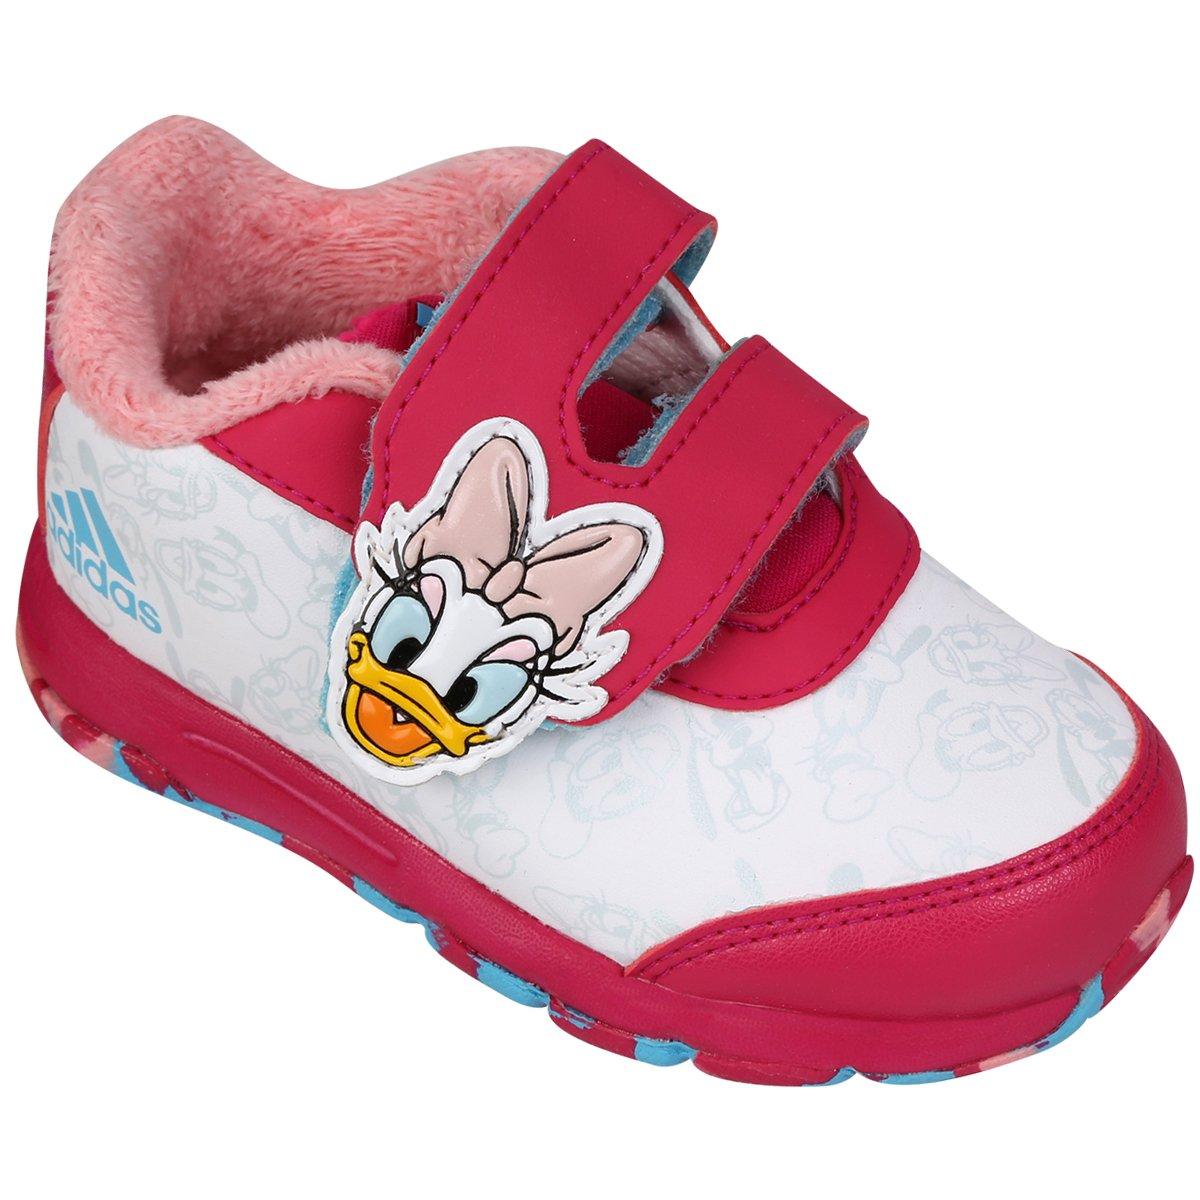 sports shoes bb1be 77e19 ... Tênis Adidas Superstar Foundation GS Infantil Tênis é Na Magicfeet  01574a95e33f70 ...